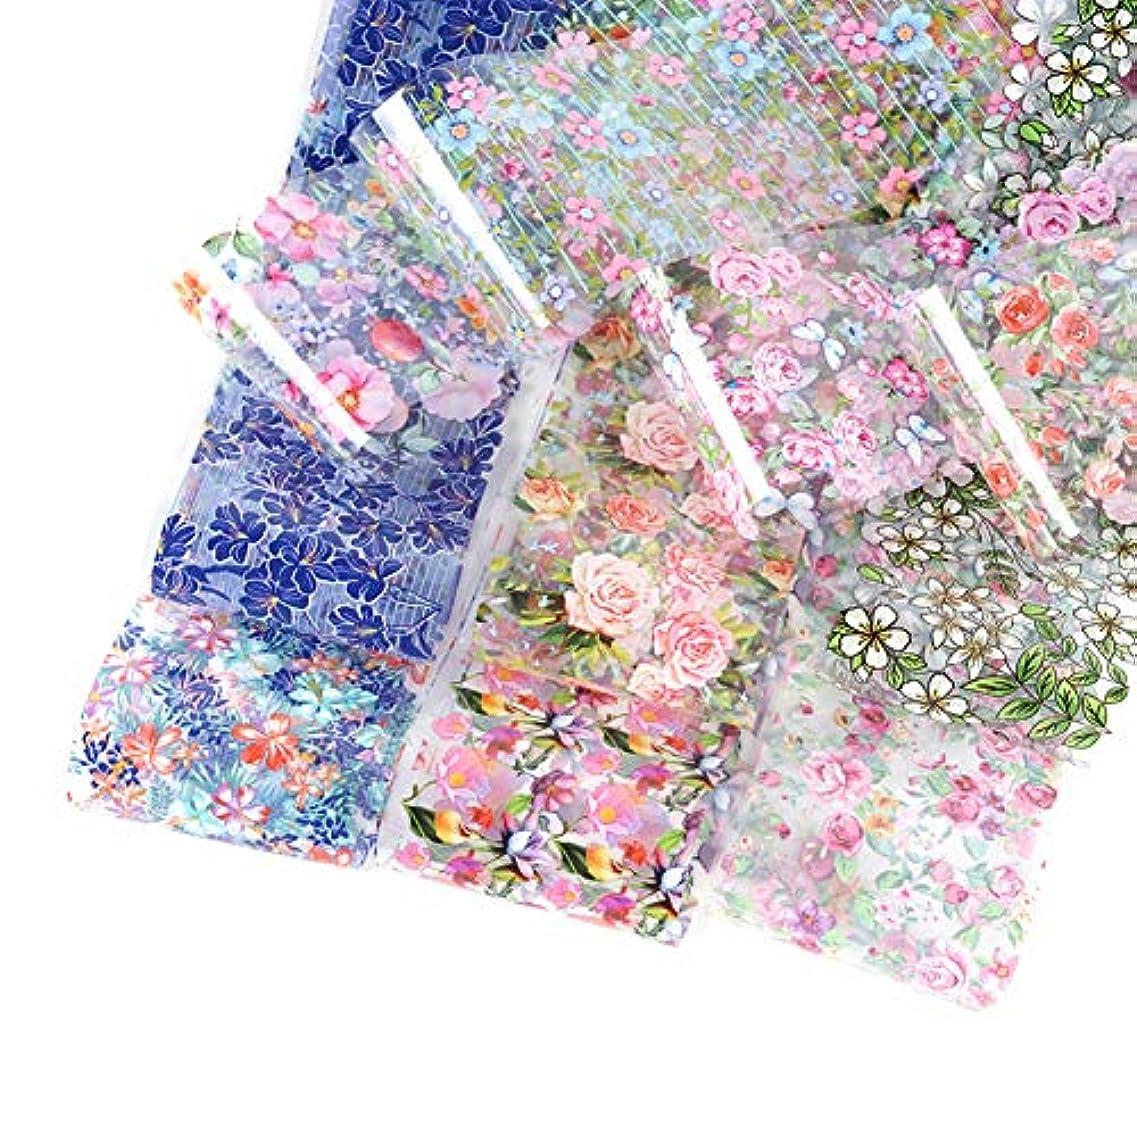 自体引き金竜巻Radiya ネイルシール ネイルステッカー 星空ネイル シェル 花柄ネイルホイル 水彩の花 転写ホイル 箔紙 シェルプリント 極薄フィルム 10枚セット